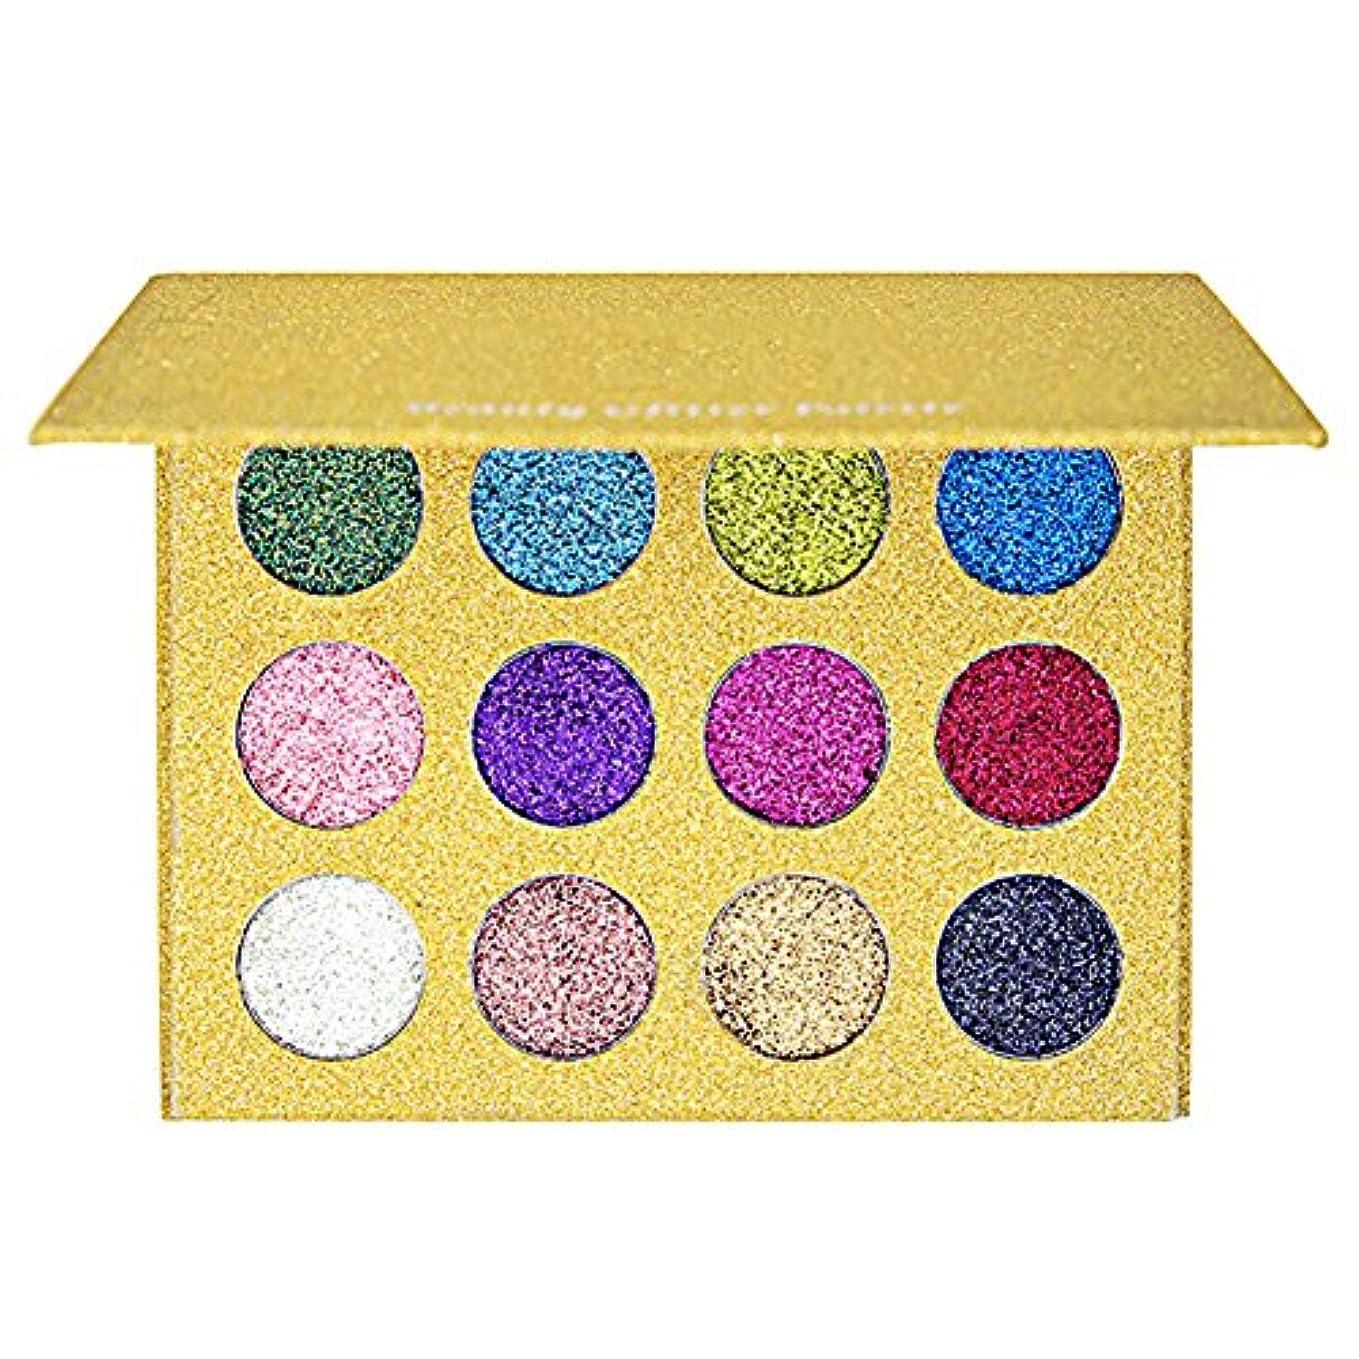 まさに争うとてもMyMei アイシャドウパレット 12色入り ダイヤモンドグリッター ハイライト 金属ツヤ スパークリングアイズ 発色が素晴らしい (2#)